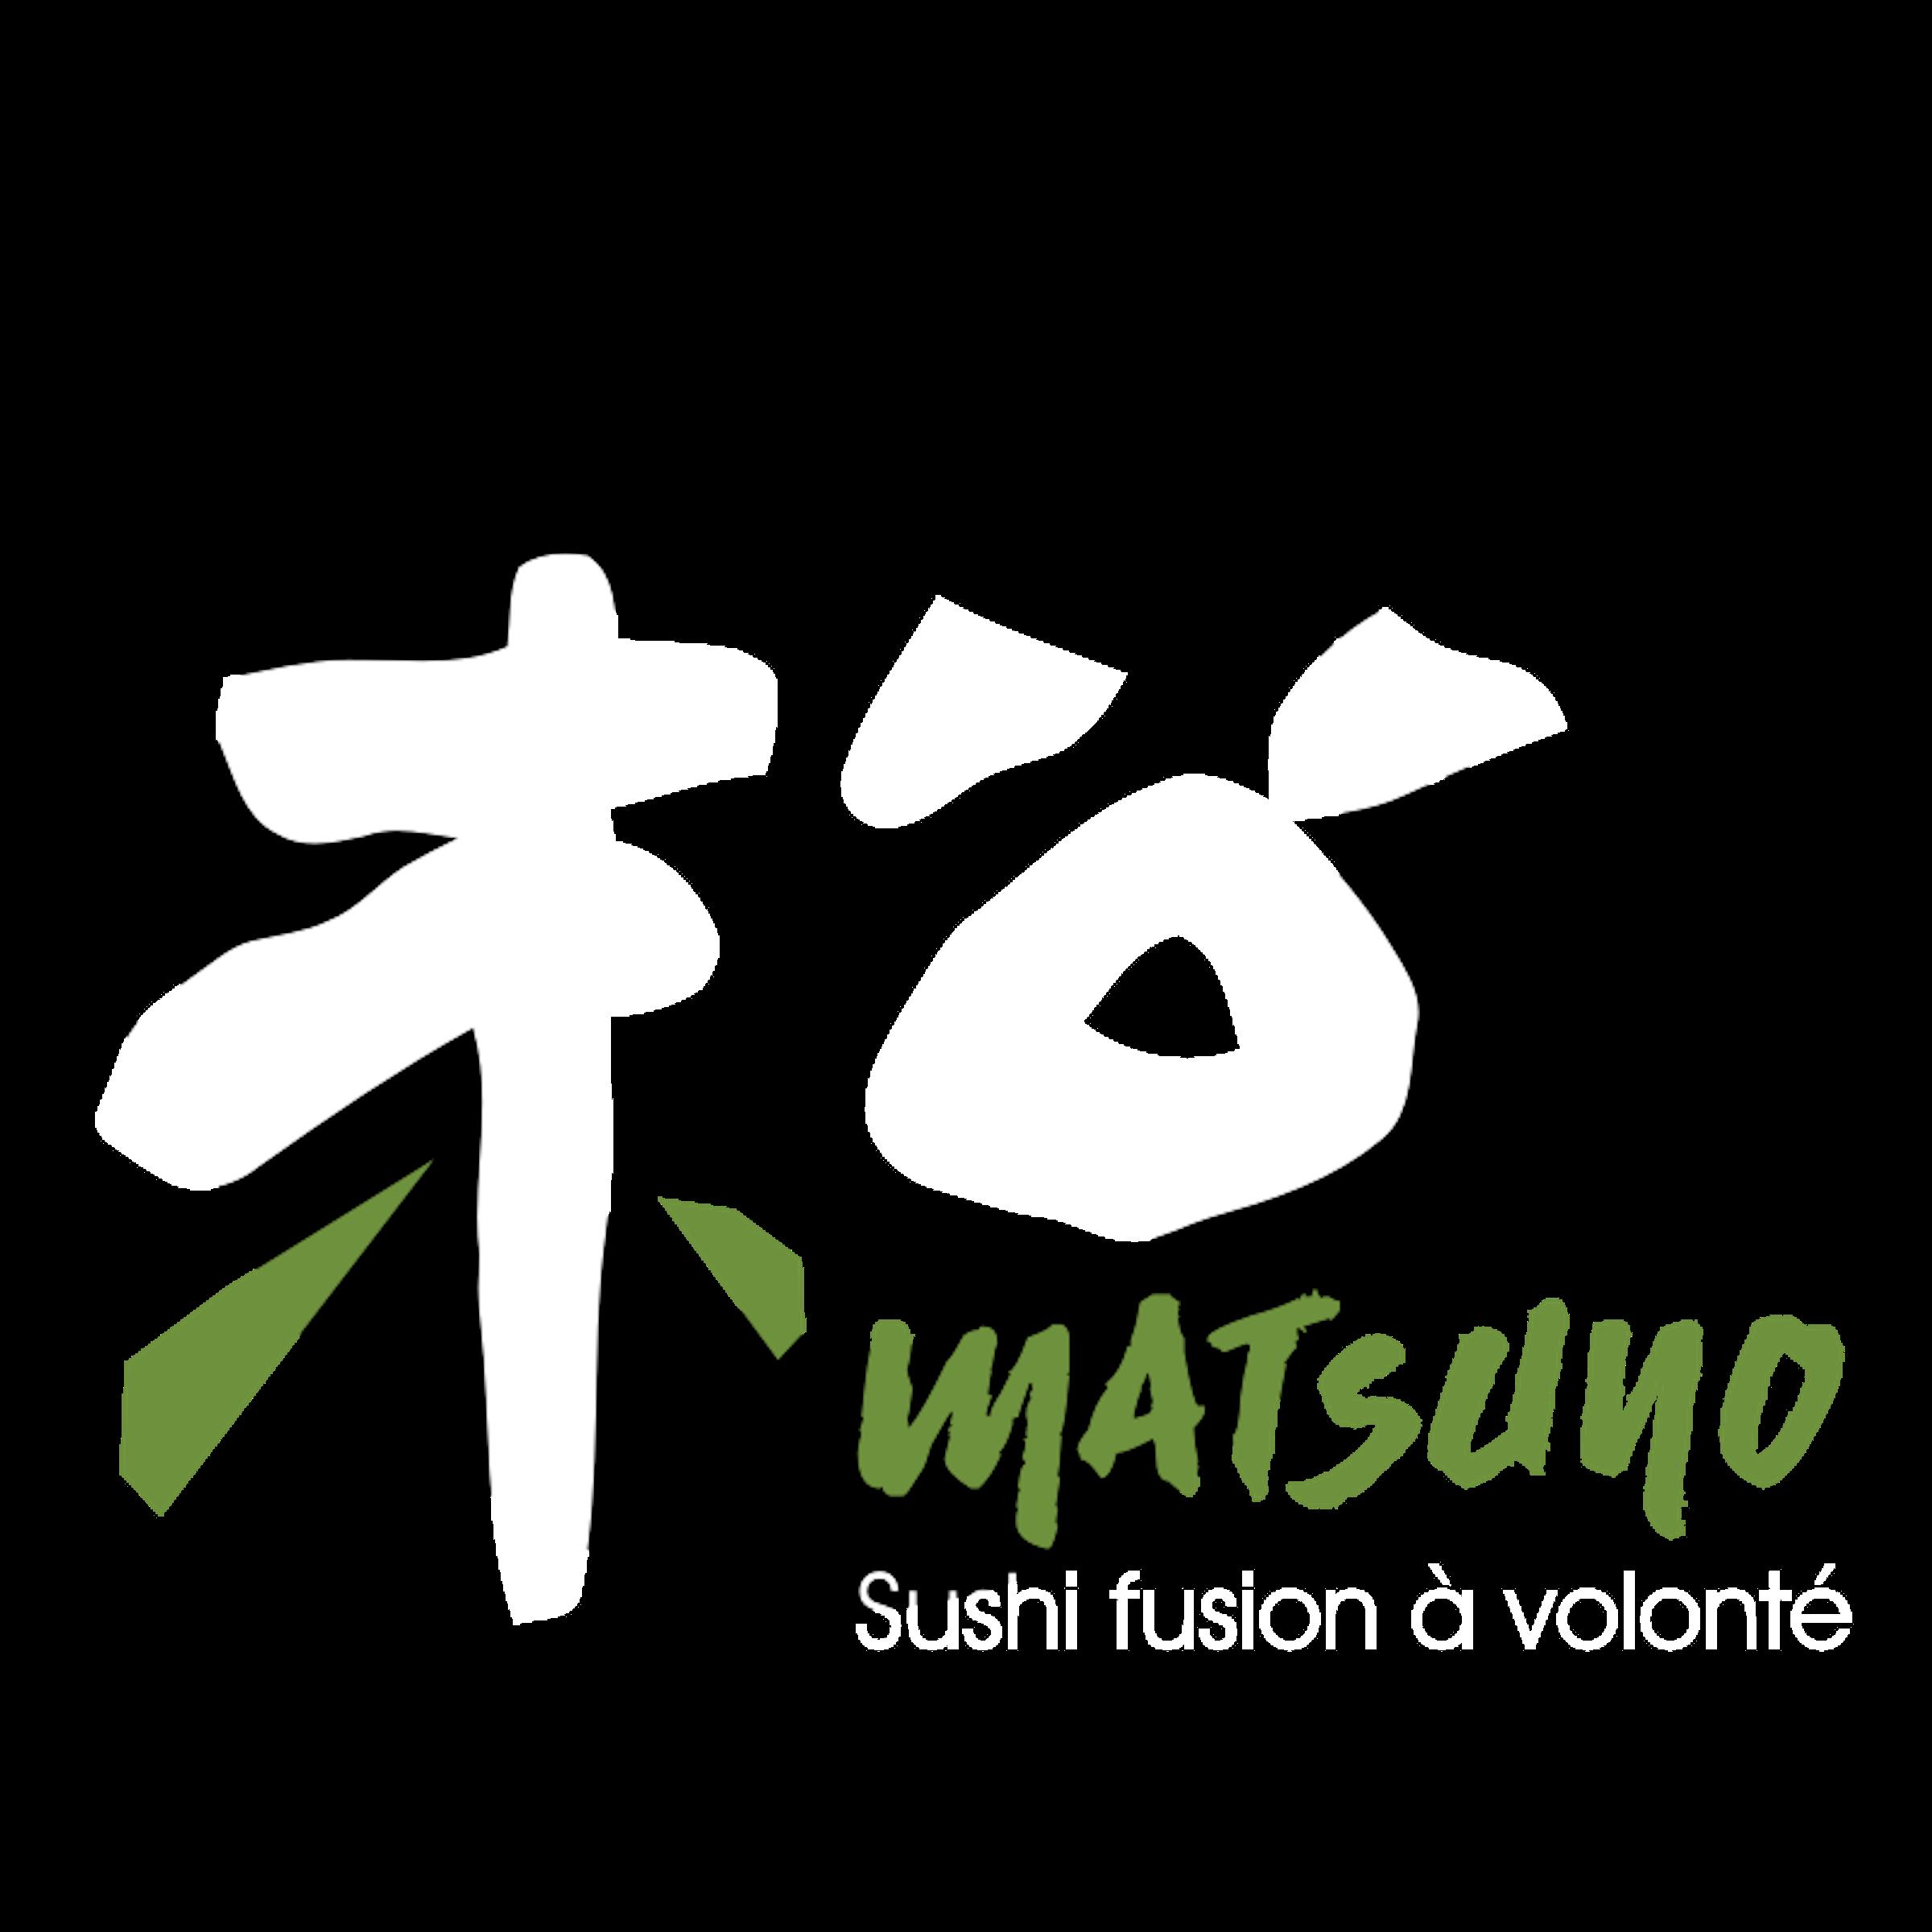 Matsuno Sushi Fusion